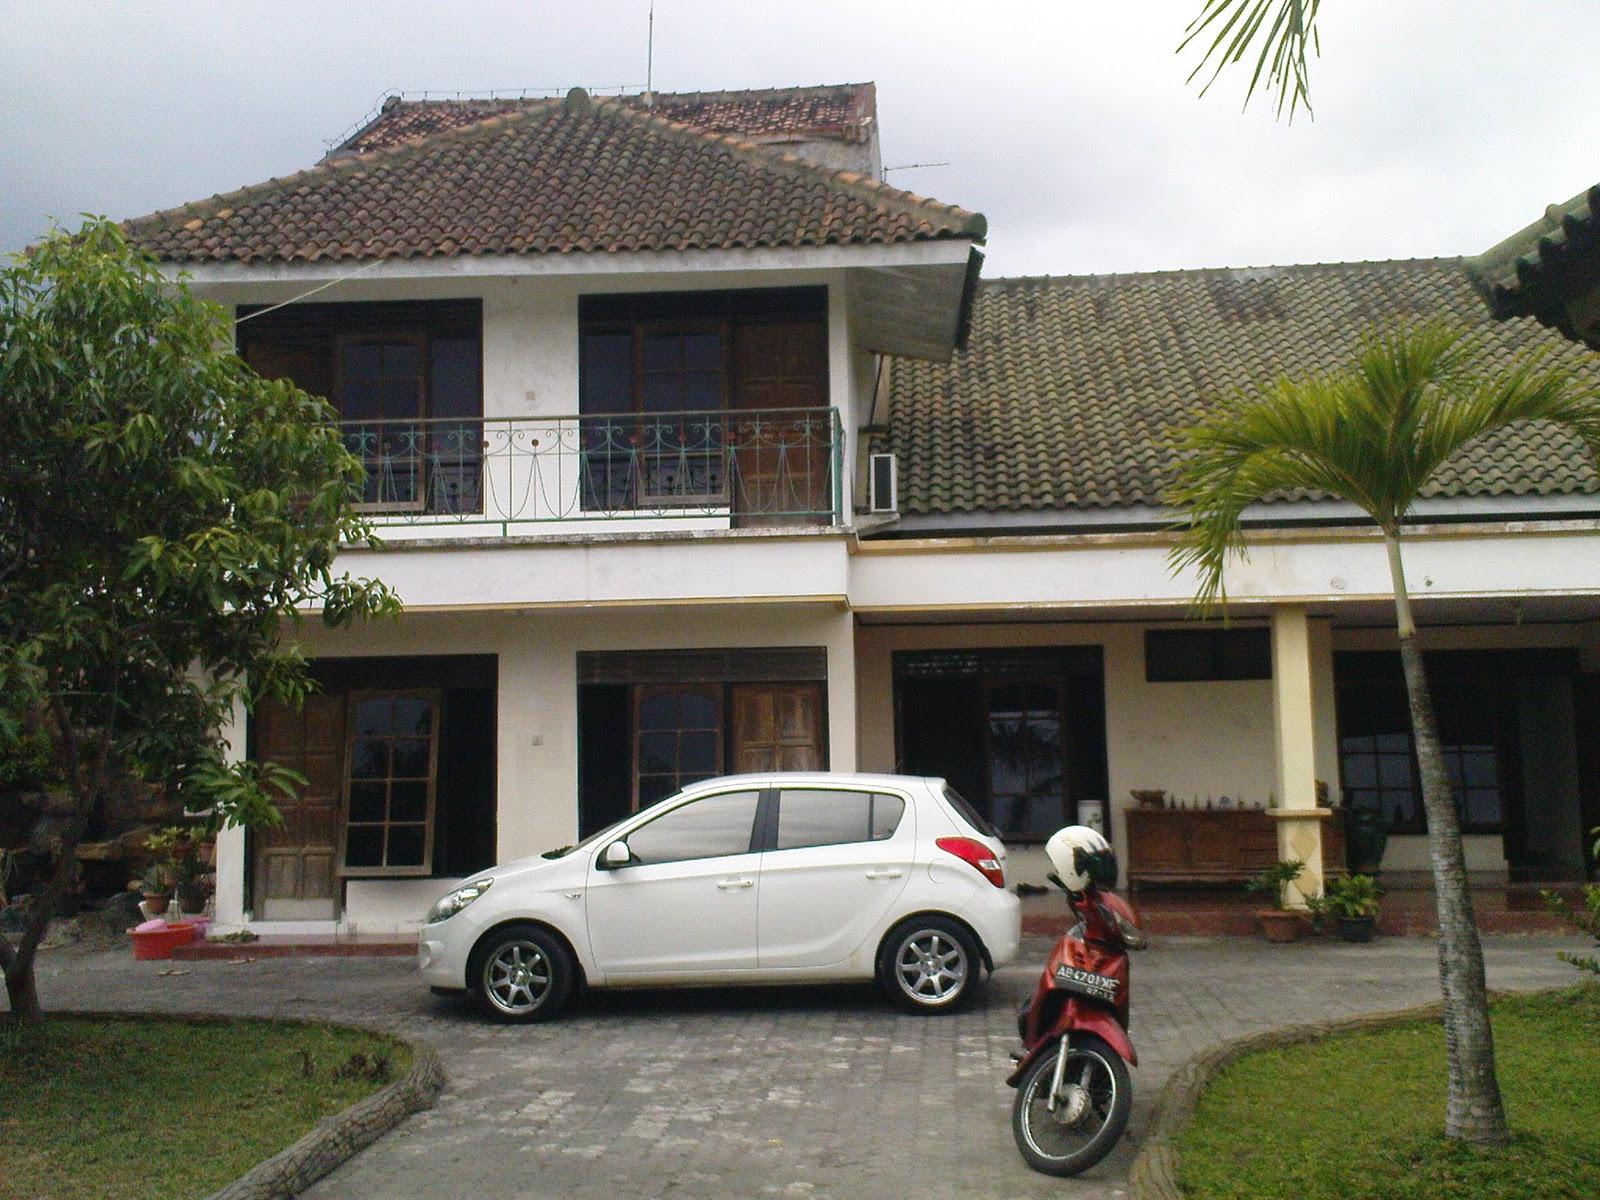 Dijual Rumah Mewah dengan kolam renang , halaman belakang luas , kamar